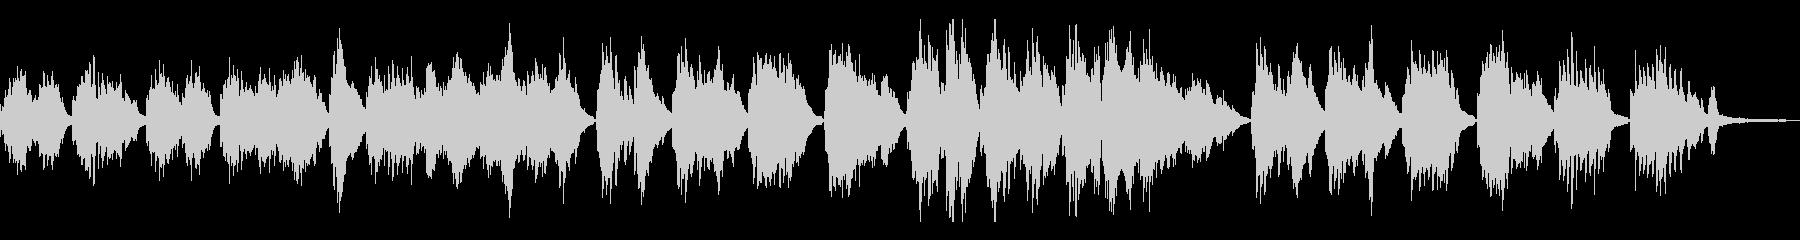 星空/しっとりした和風曲21-ピアノソロの未再生の波形